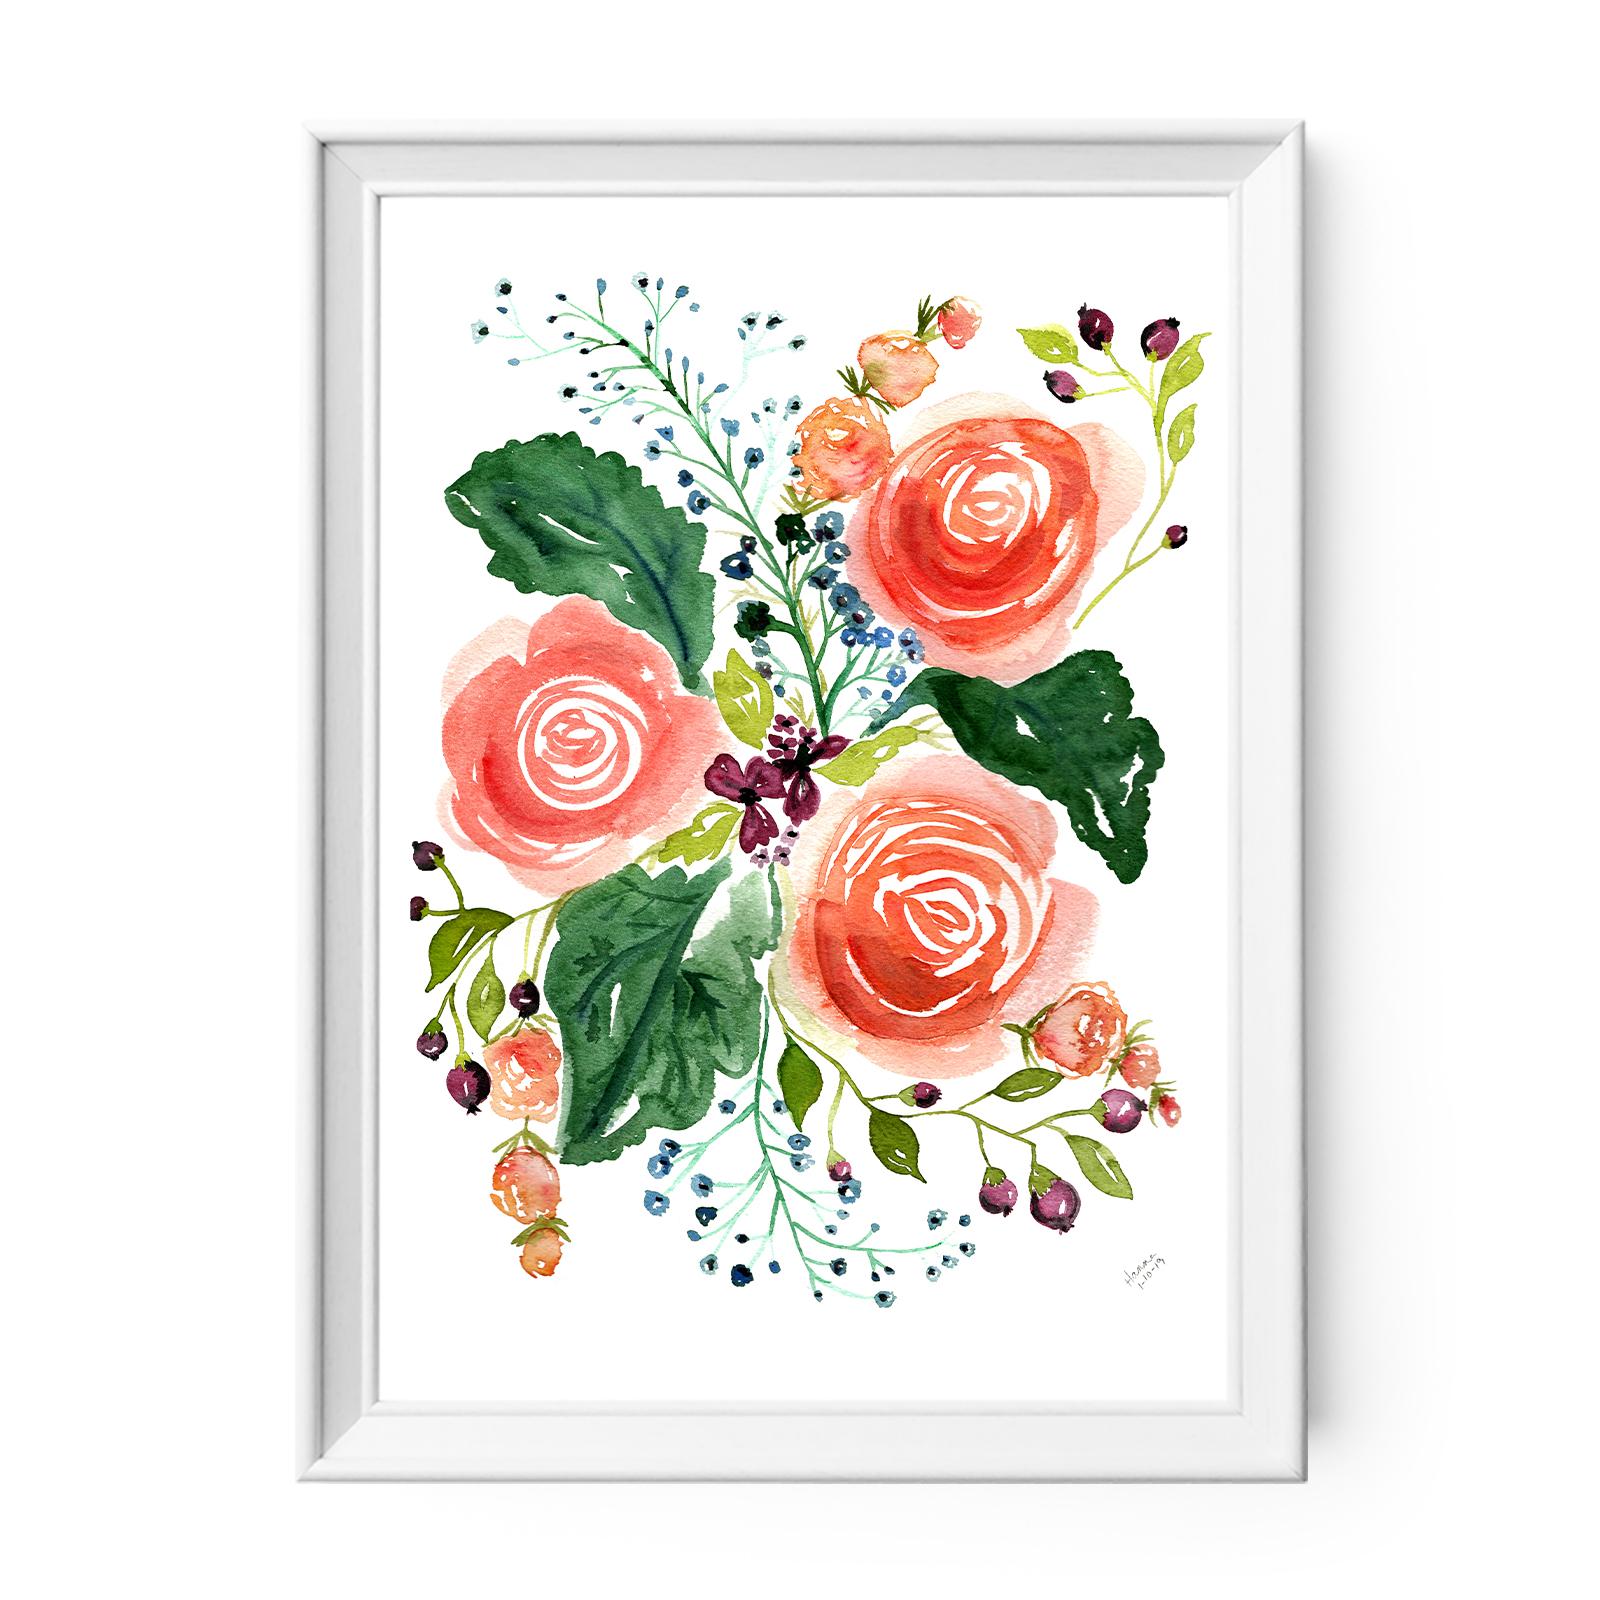 Floral Nursery Decor